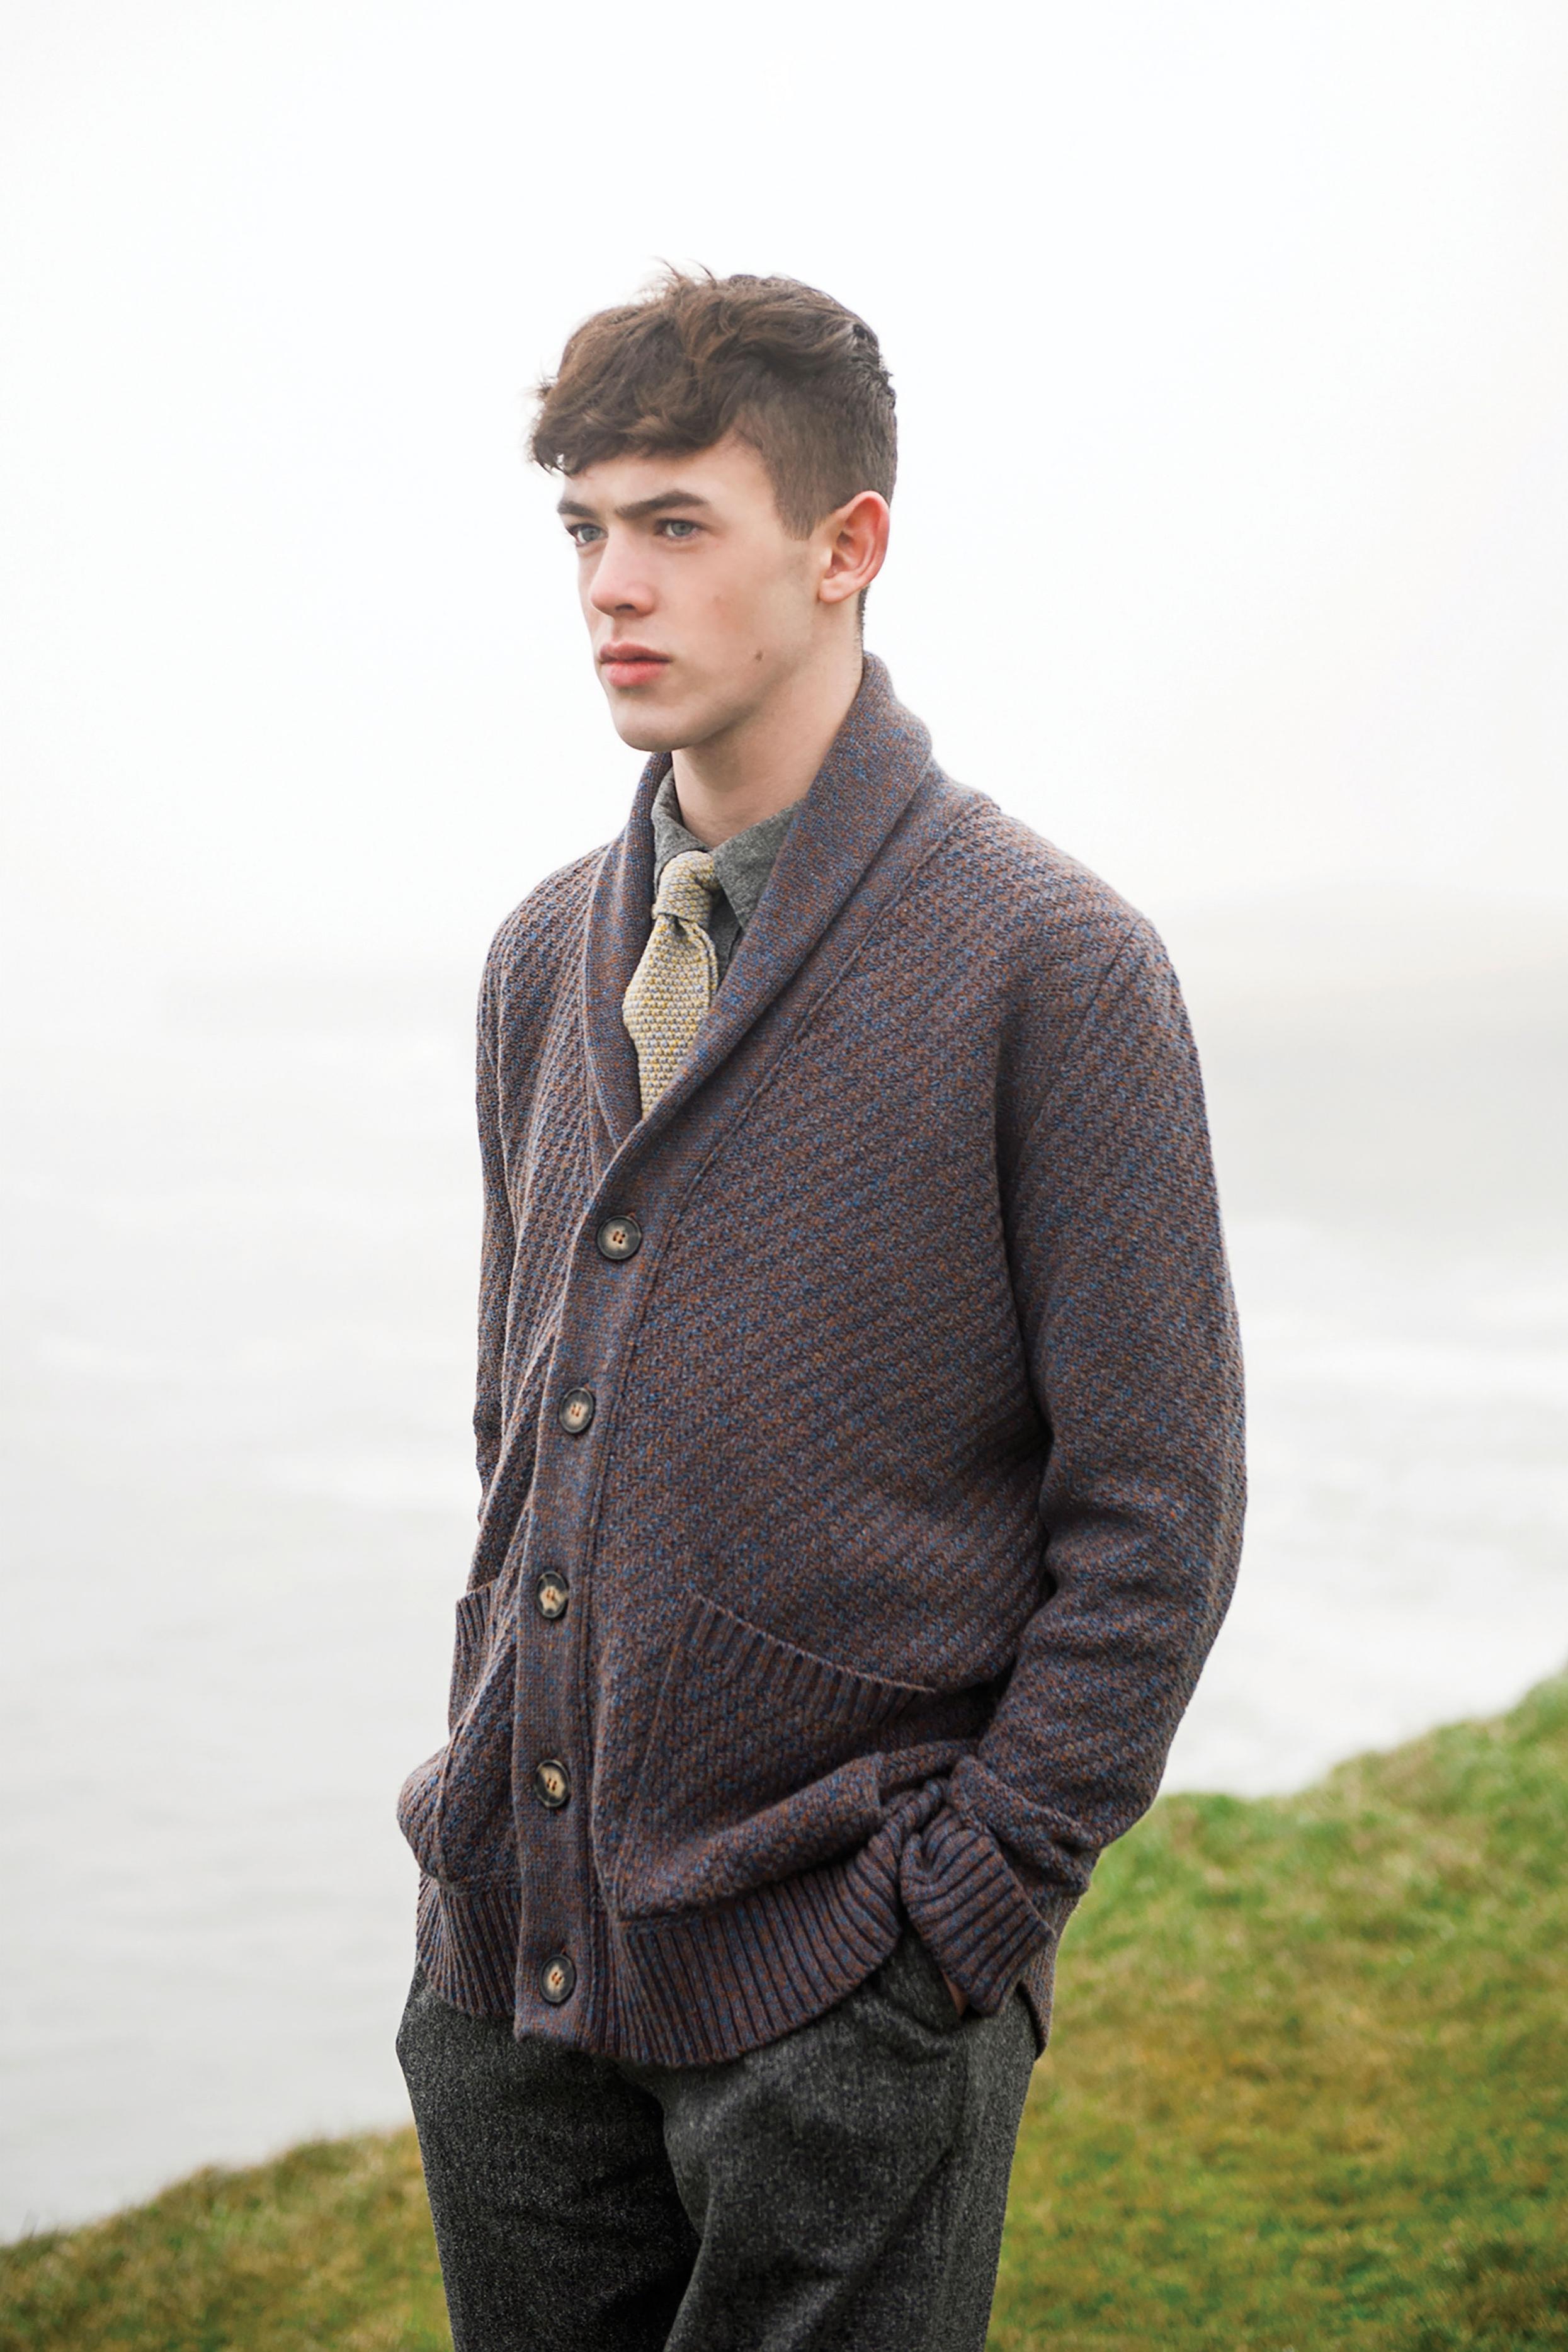 McConnell Woollen Mills_Jacket_M18-04_Kinsale_8402_CROPPED_WEB RES.jpg